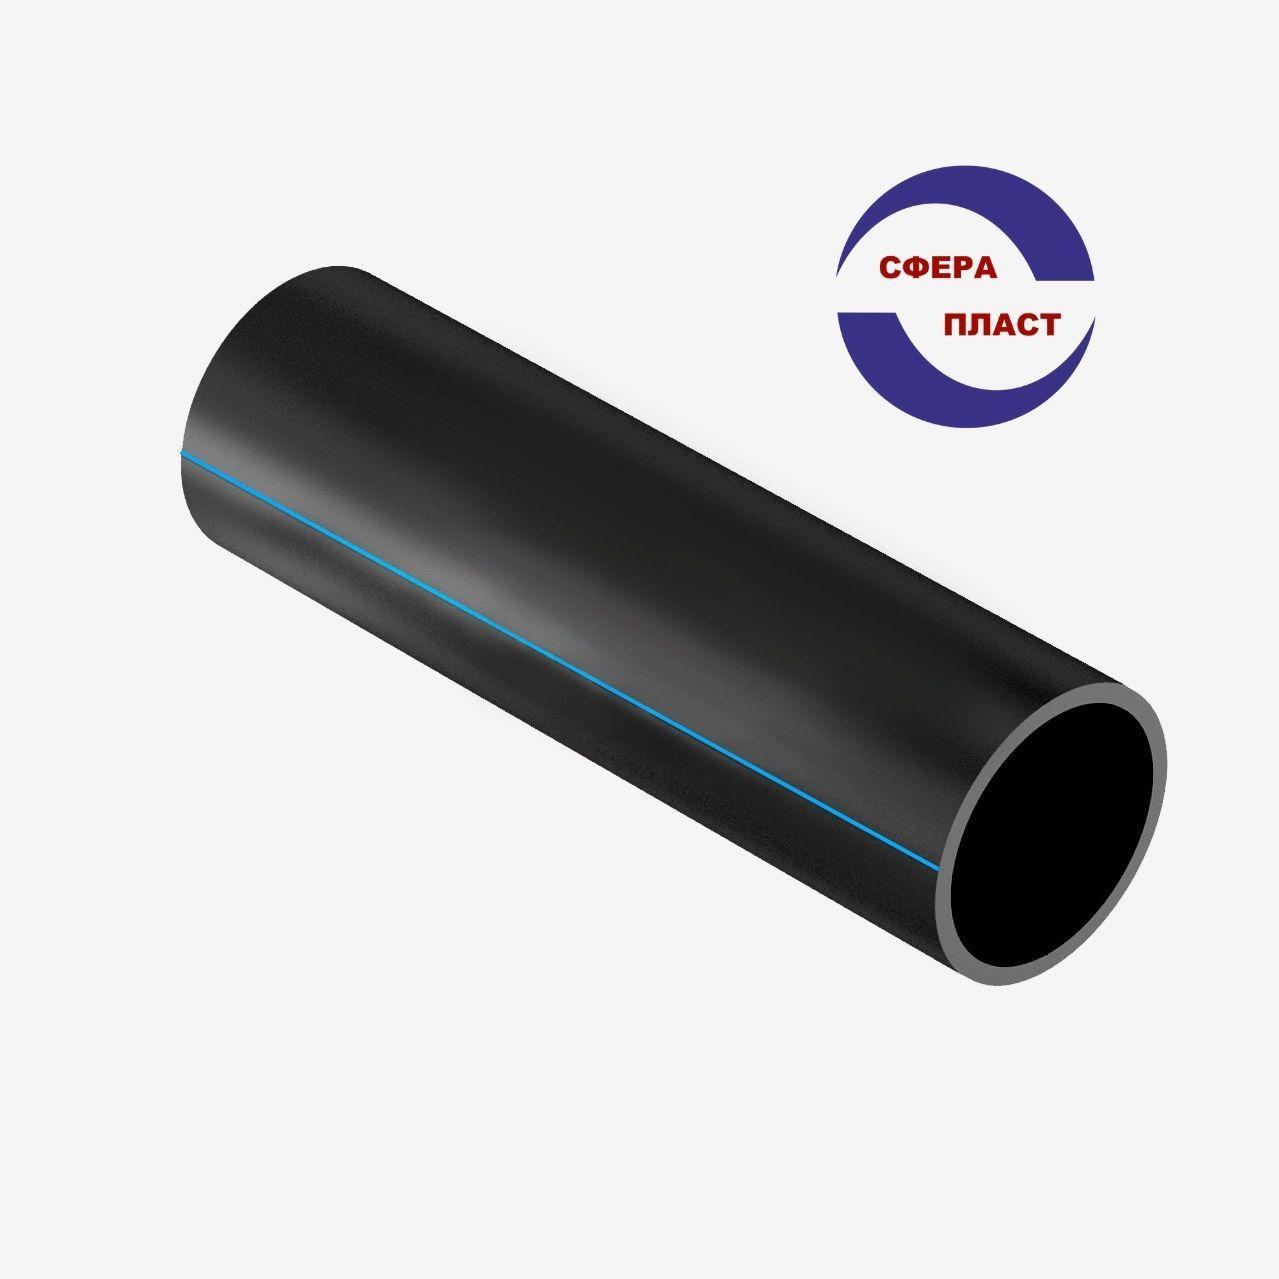 Труба  Ду-110x6,7 SDR13,6 (12,5 атм)полиэтиленовая ПЭ-100